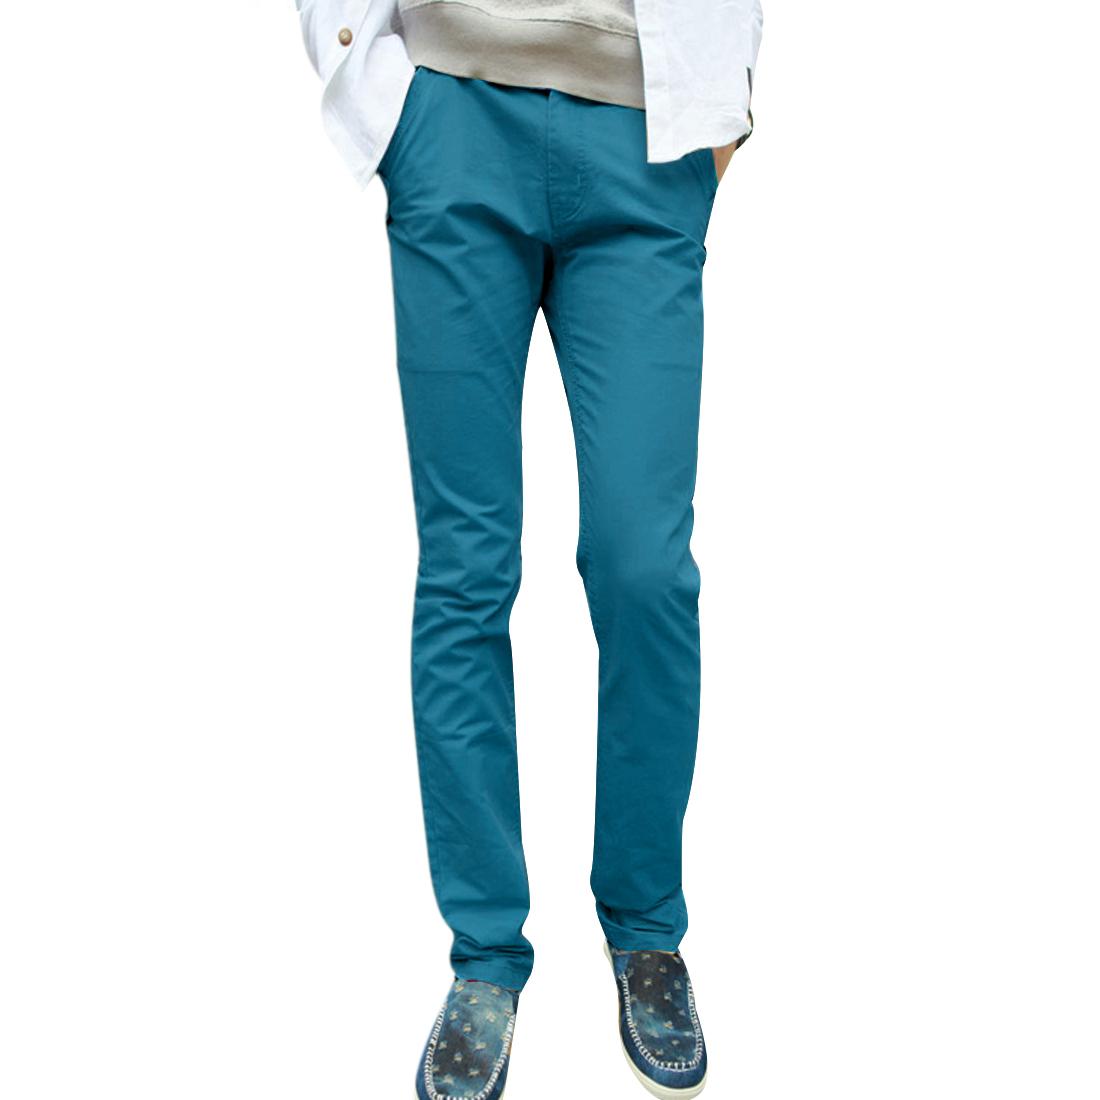 Mans NEW Teal Color Slim Fit Slant Side Pockets Design Casual Pants W33